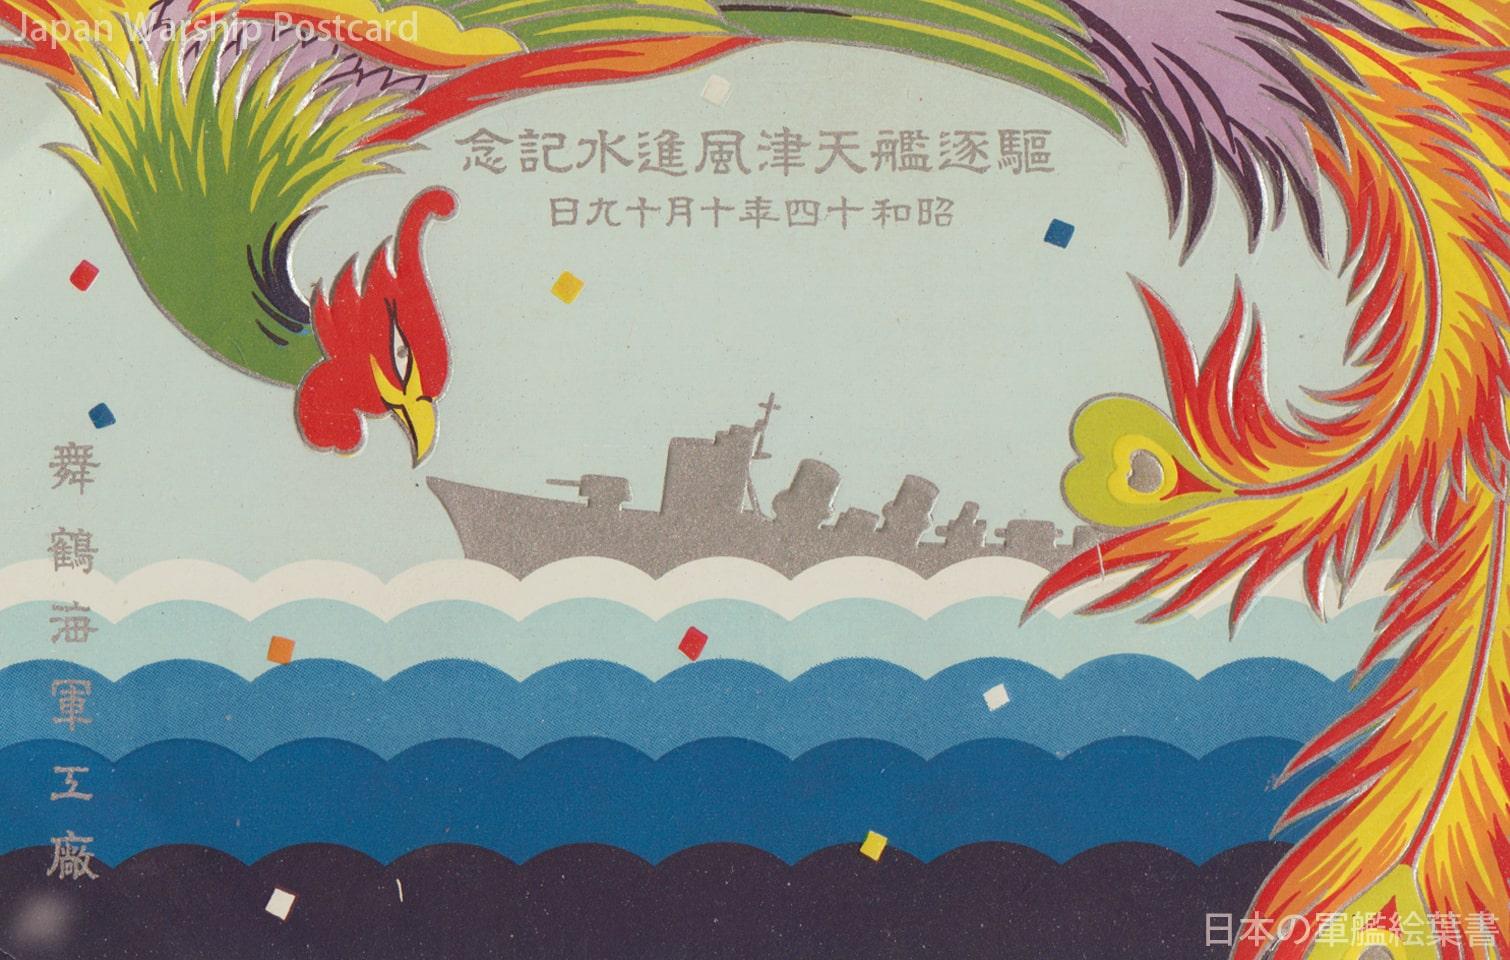 陽炎型駆逐艦「天津風」